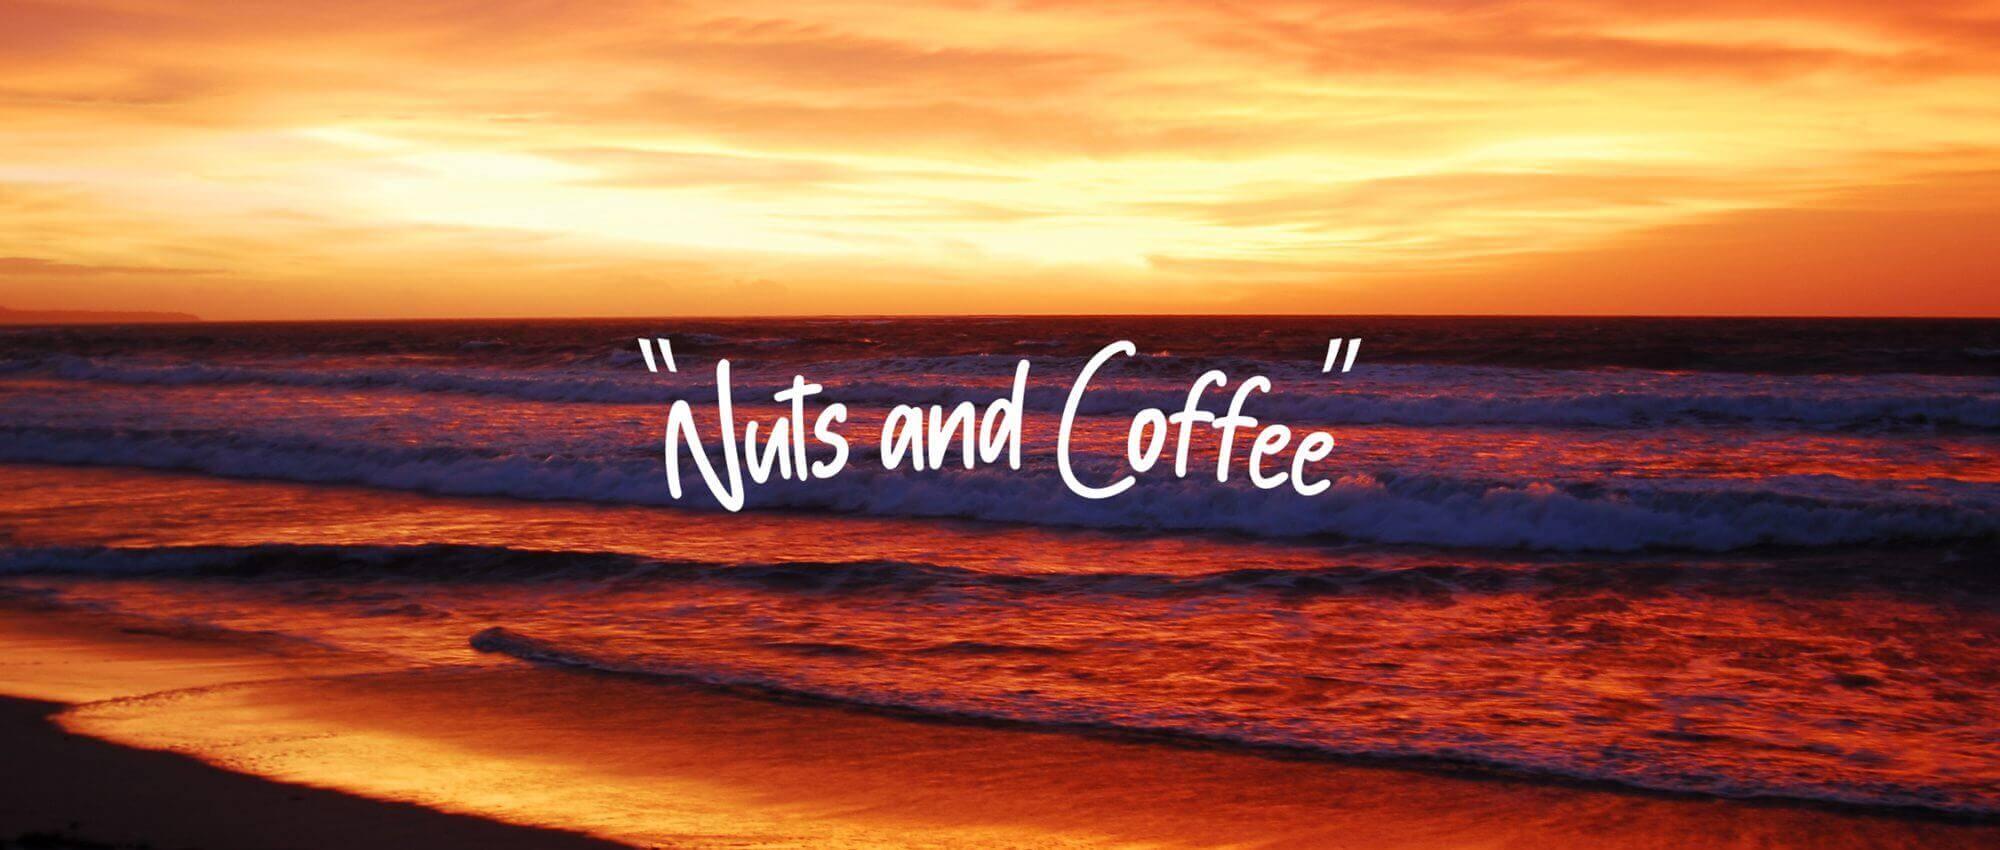 国内製造にこだわったドリンクやシルバー925やゴールドのアクセサリーを販売しているナッツアンドコーヒー